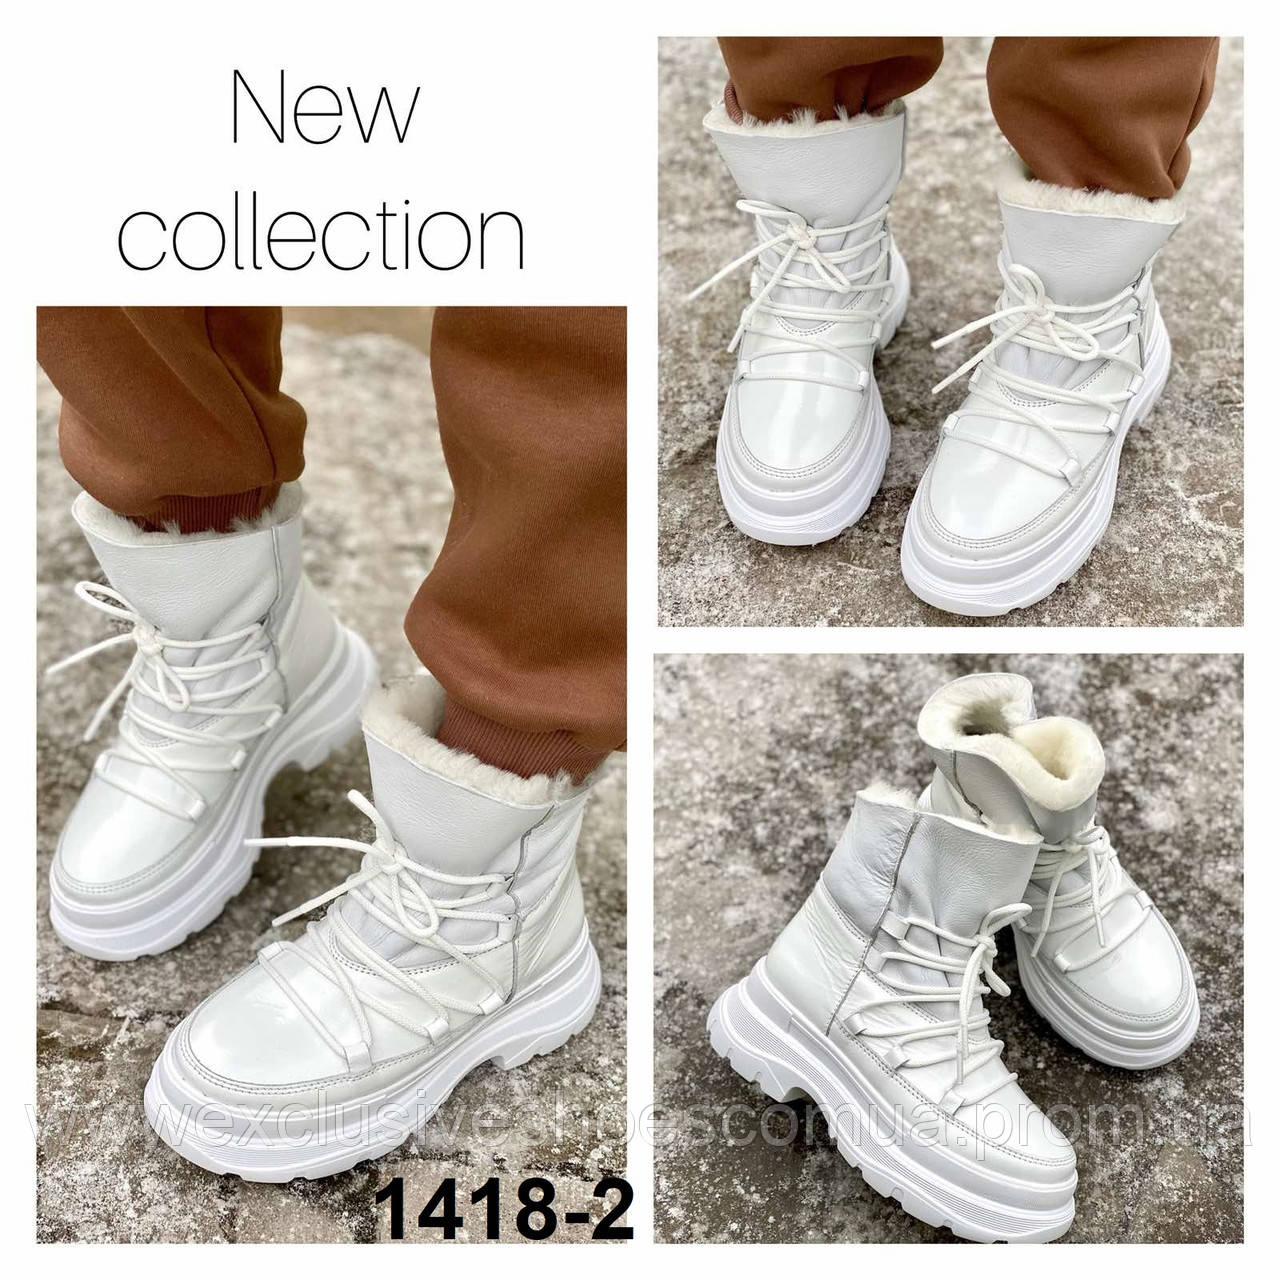 Ботинки женские зимние кожаные белые наплак